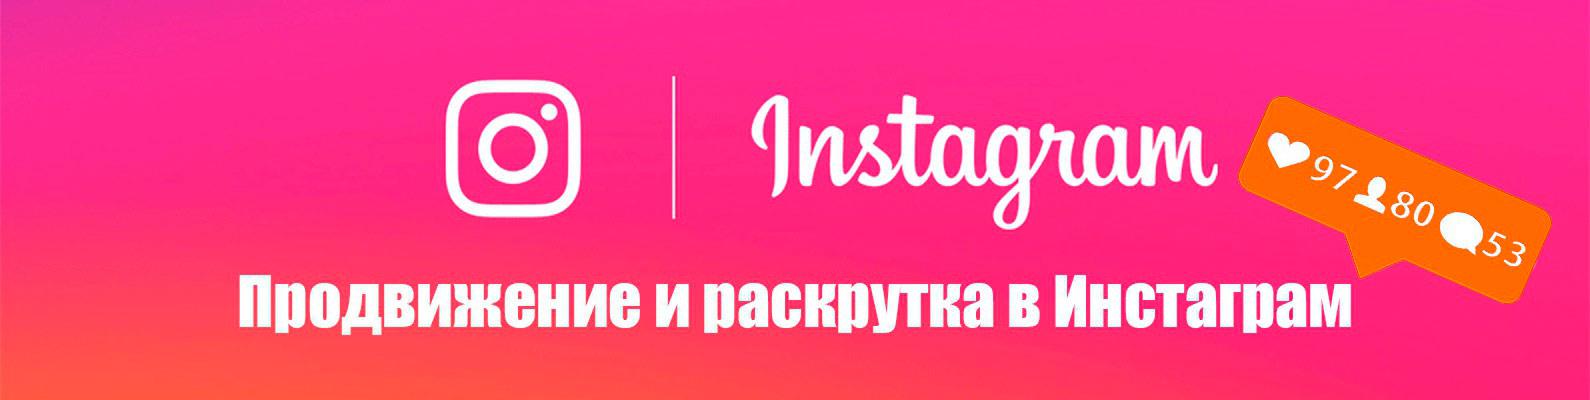 SMM продвижение в Инстаграм